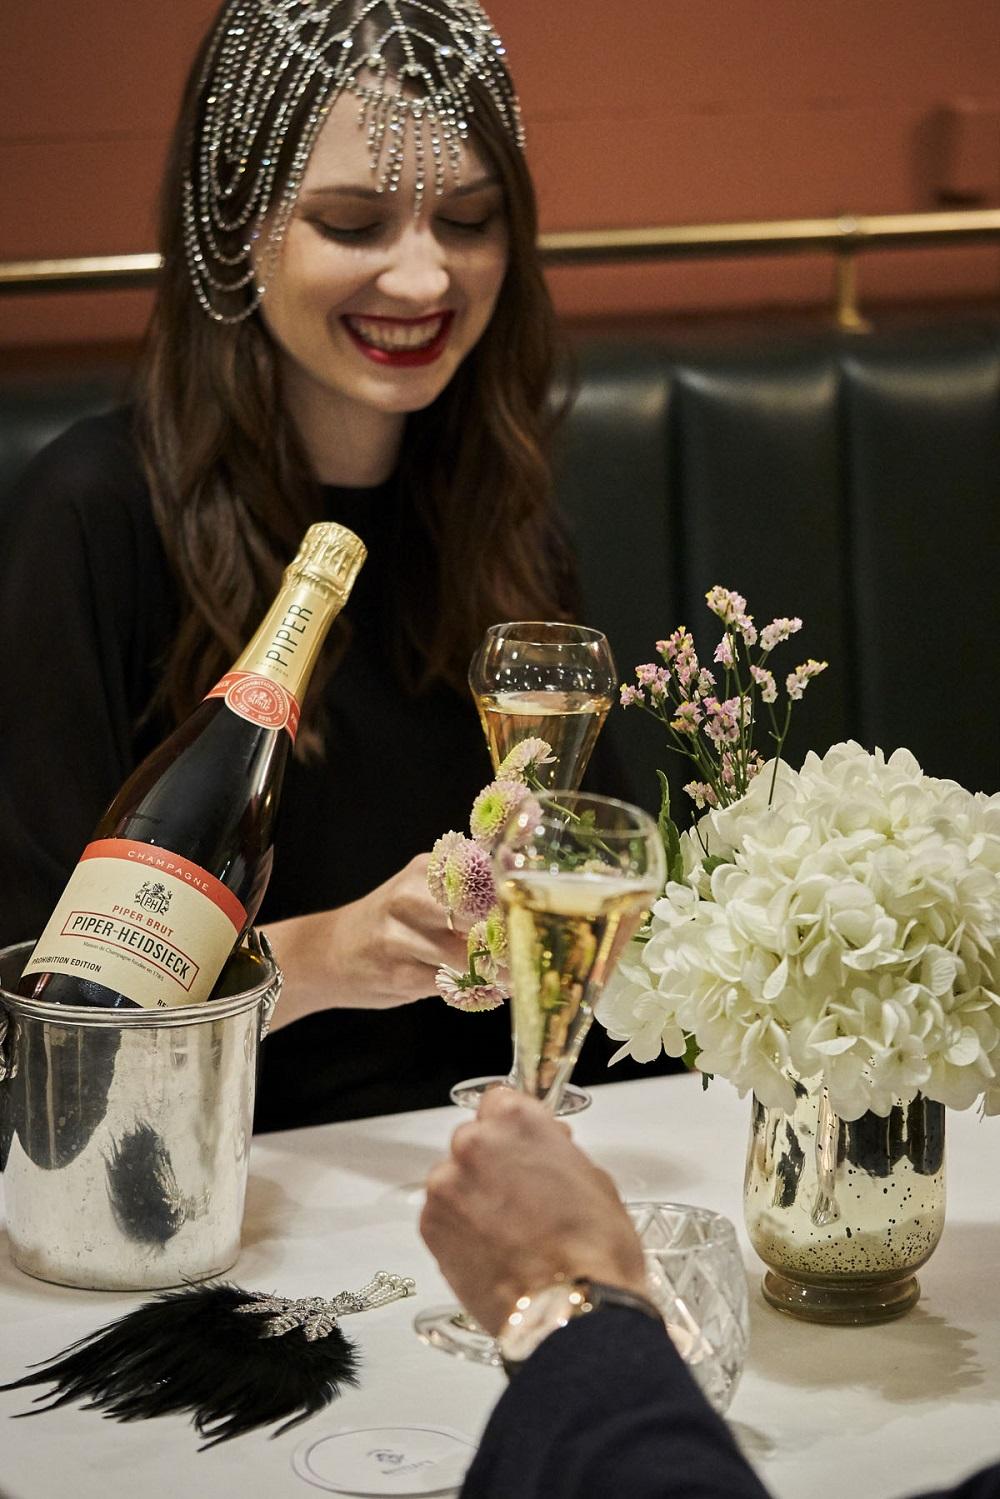 Piper_Heidsieck_Prohibition_Bentleys-girl-champagne in bucket